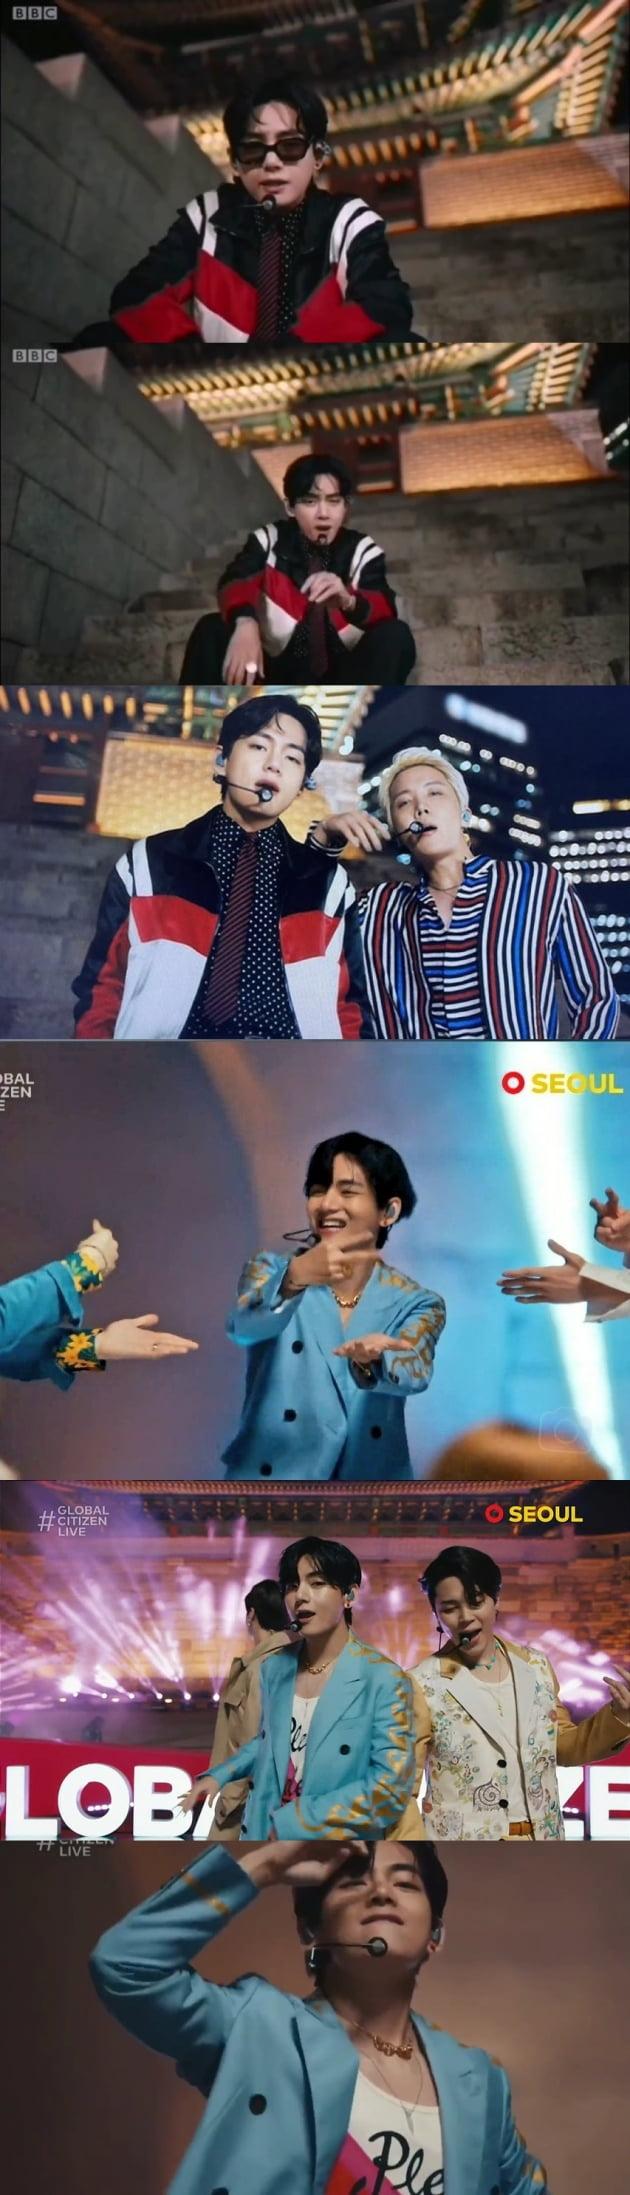 방탄소년단 뷔, '글로벌 시티즌 라이브'서 펼친 국보급 퍼포먼스..의상 품절 '뷔다스 효과'